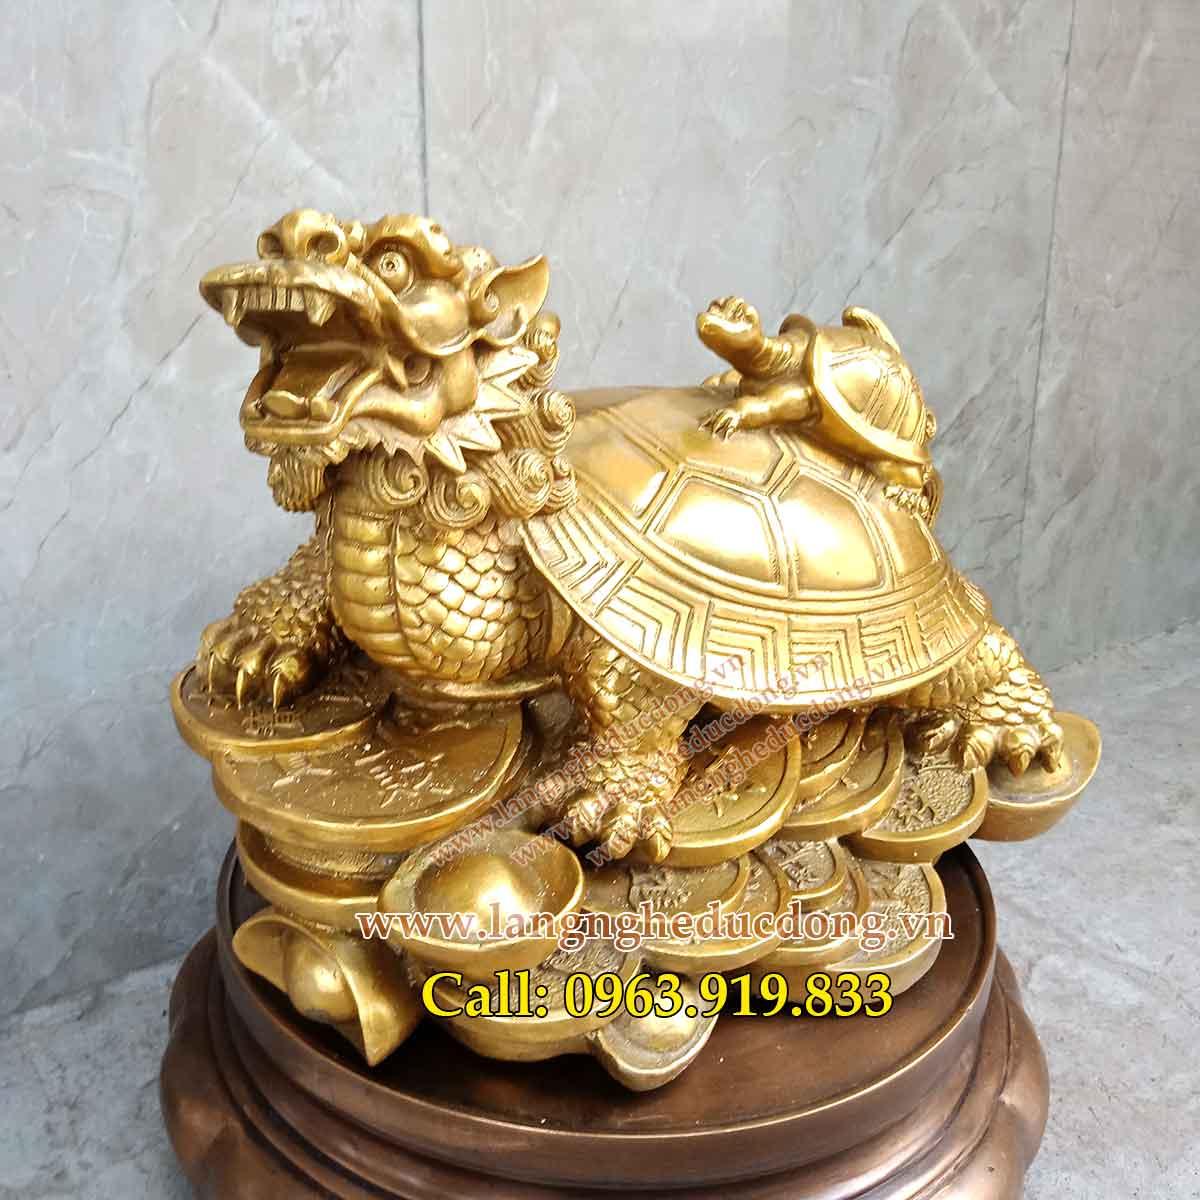 langngheducdong.vn - tượng đồng, đồ đồng phong thủy, đồ thờ cúng bằng đồng